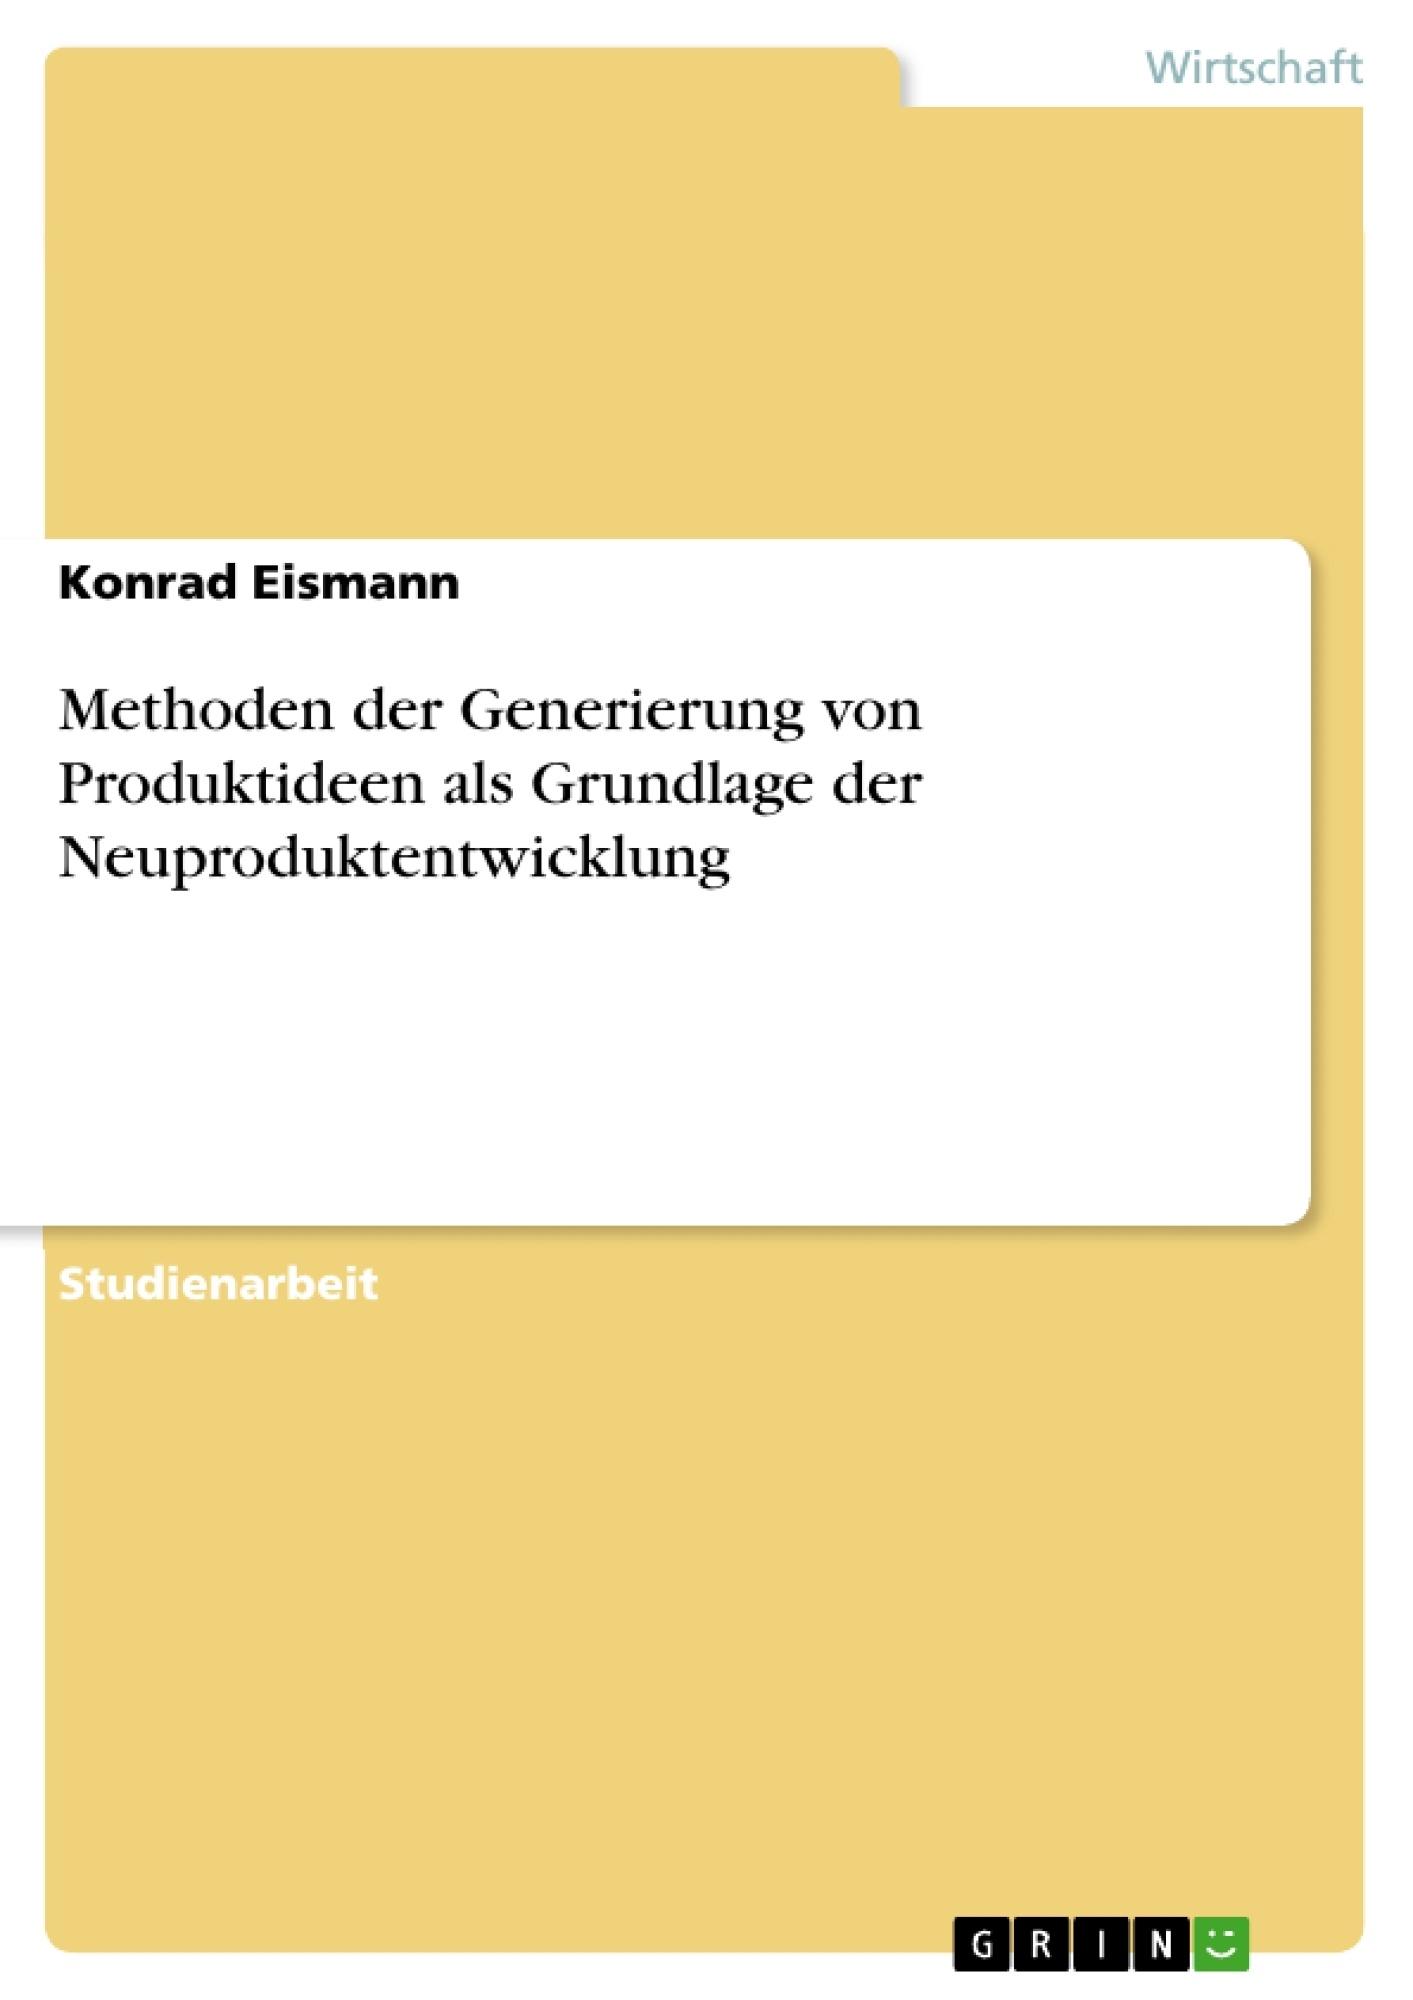 Titel: Methoden der Generierung von Produktideen als Grundlage der Neuproduktentwicklung